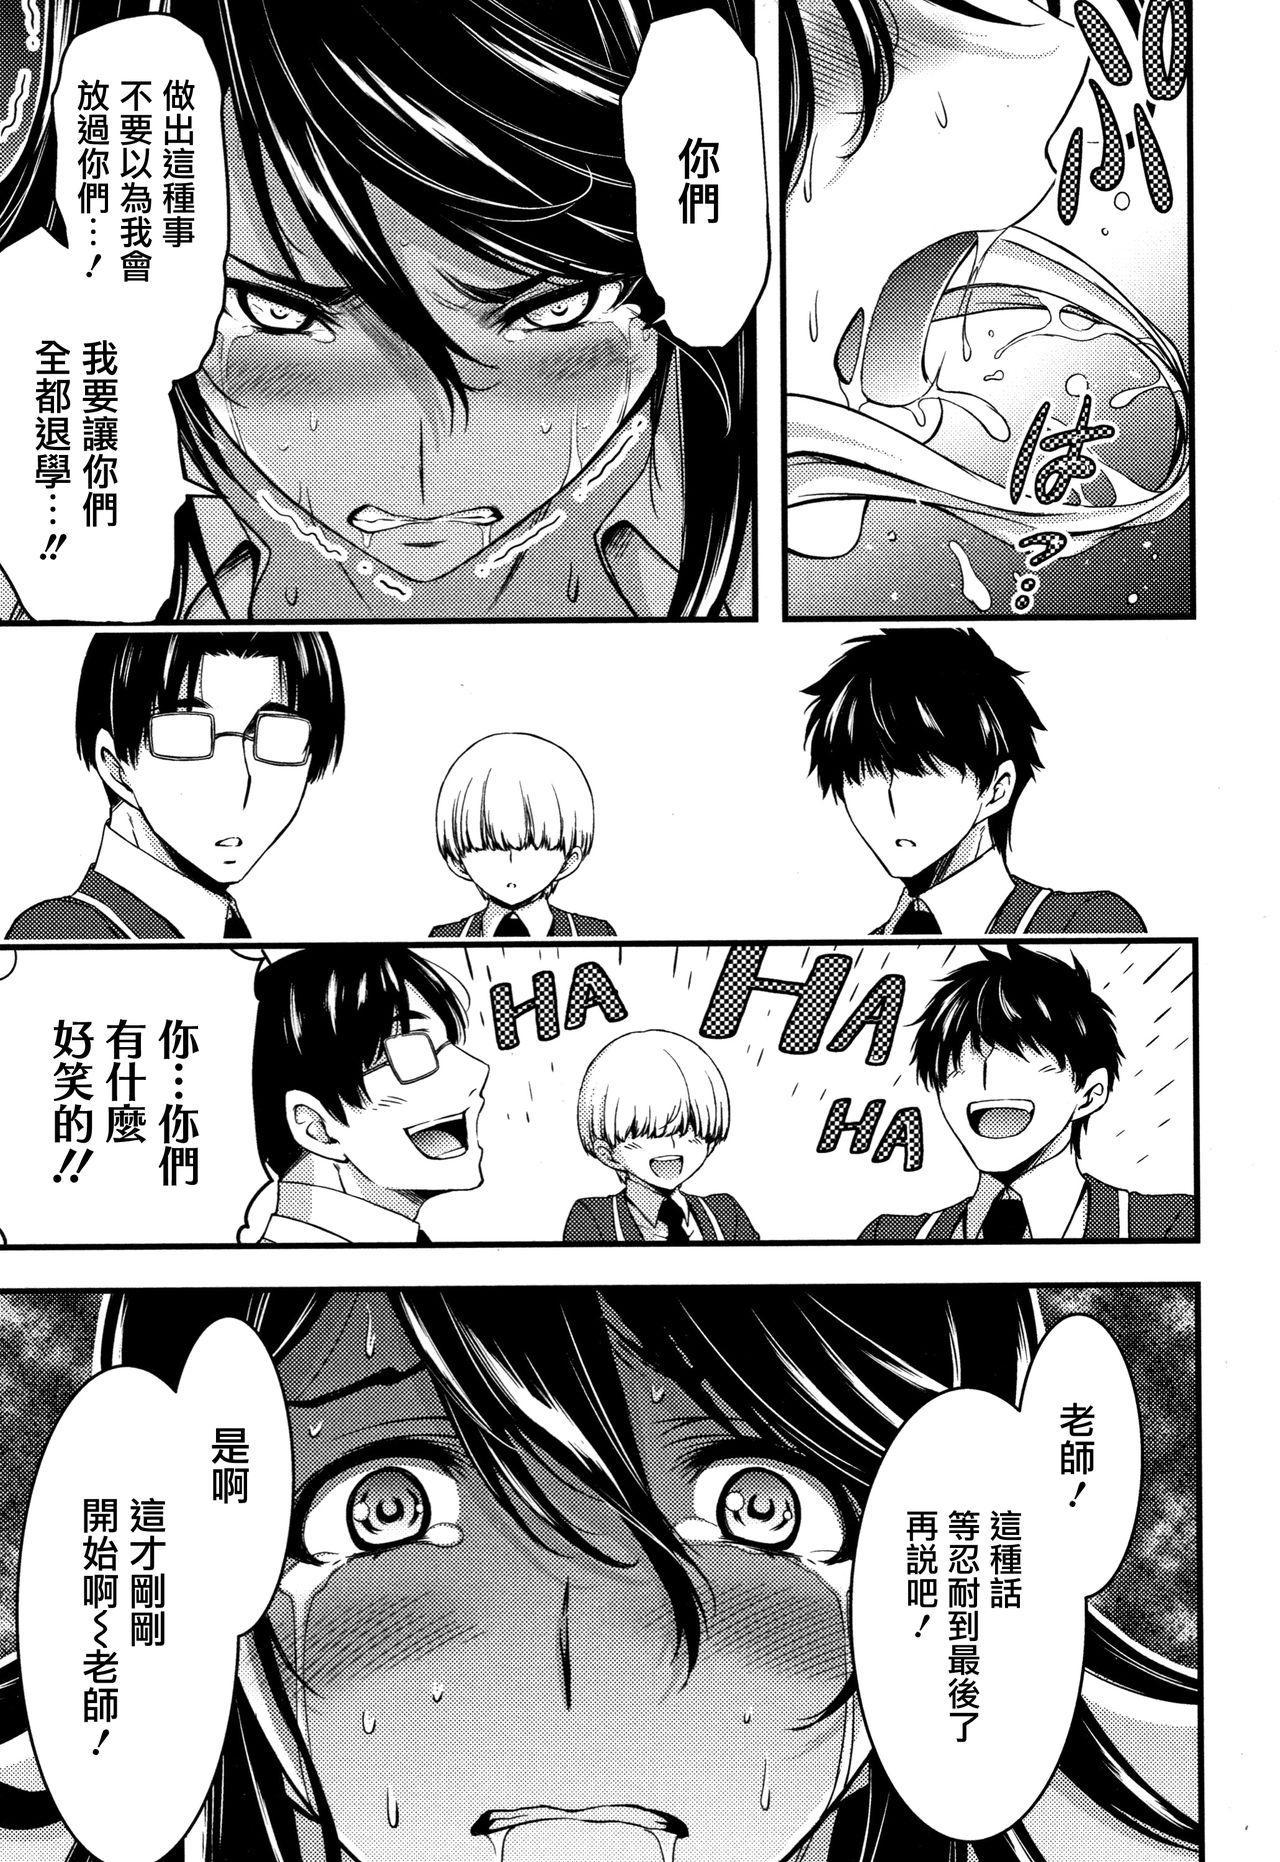 Nichijou Bitch Seitai Kansatsu 207